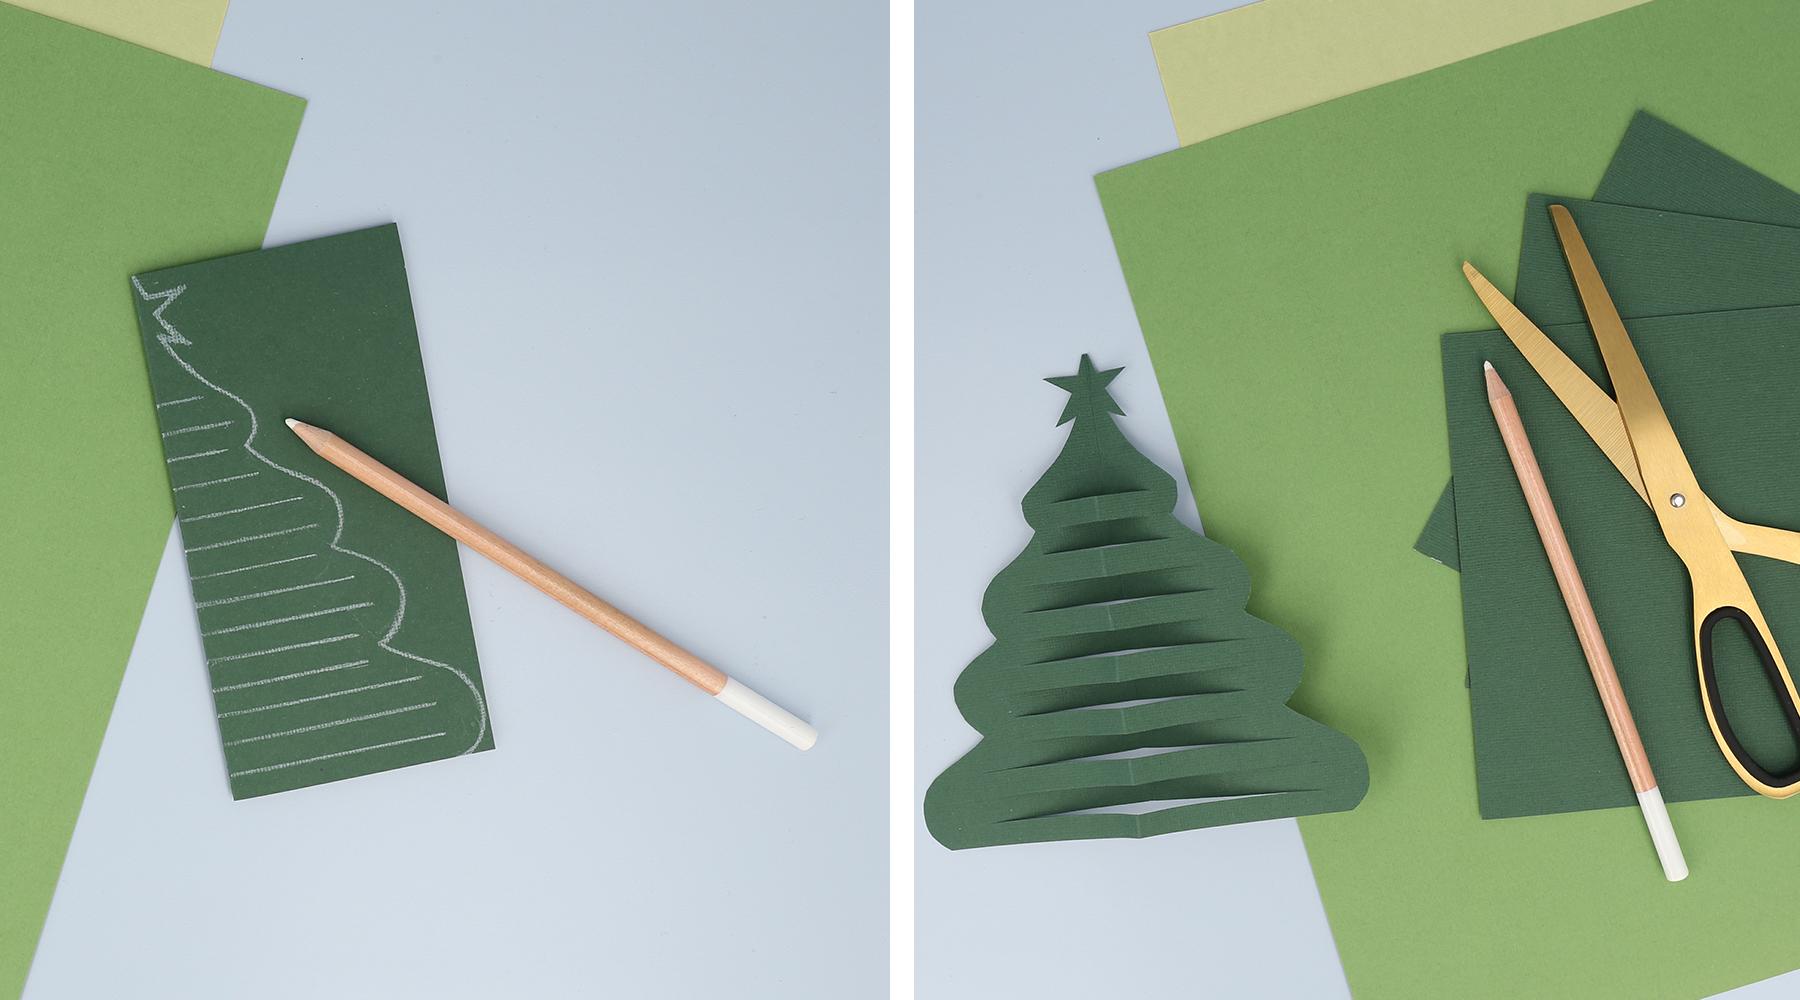 Dibuja y recorta un hermoso árbol de Navidad